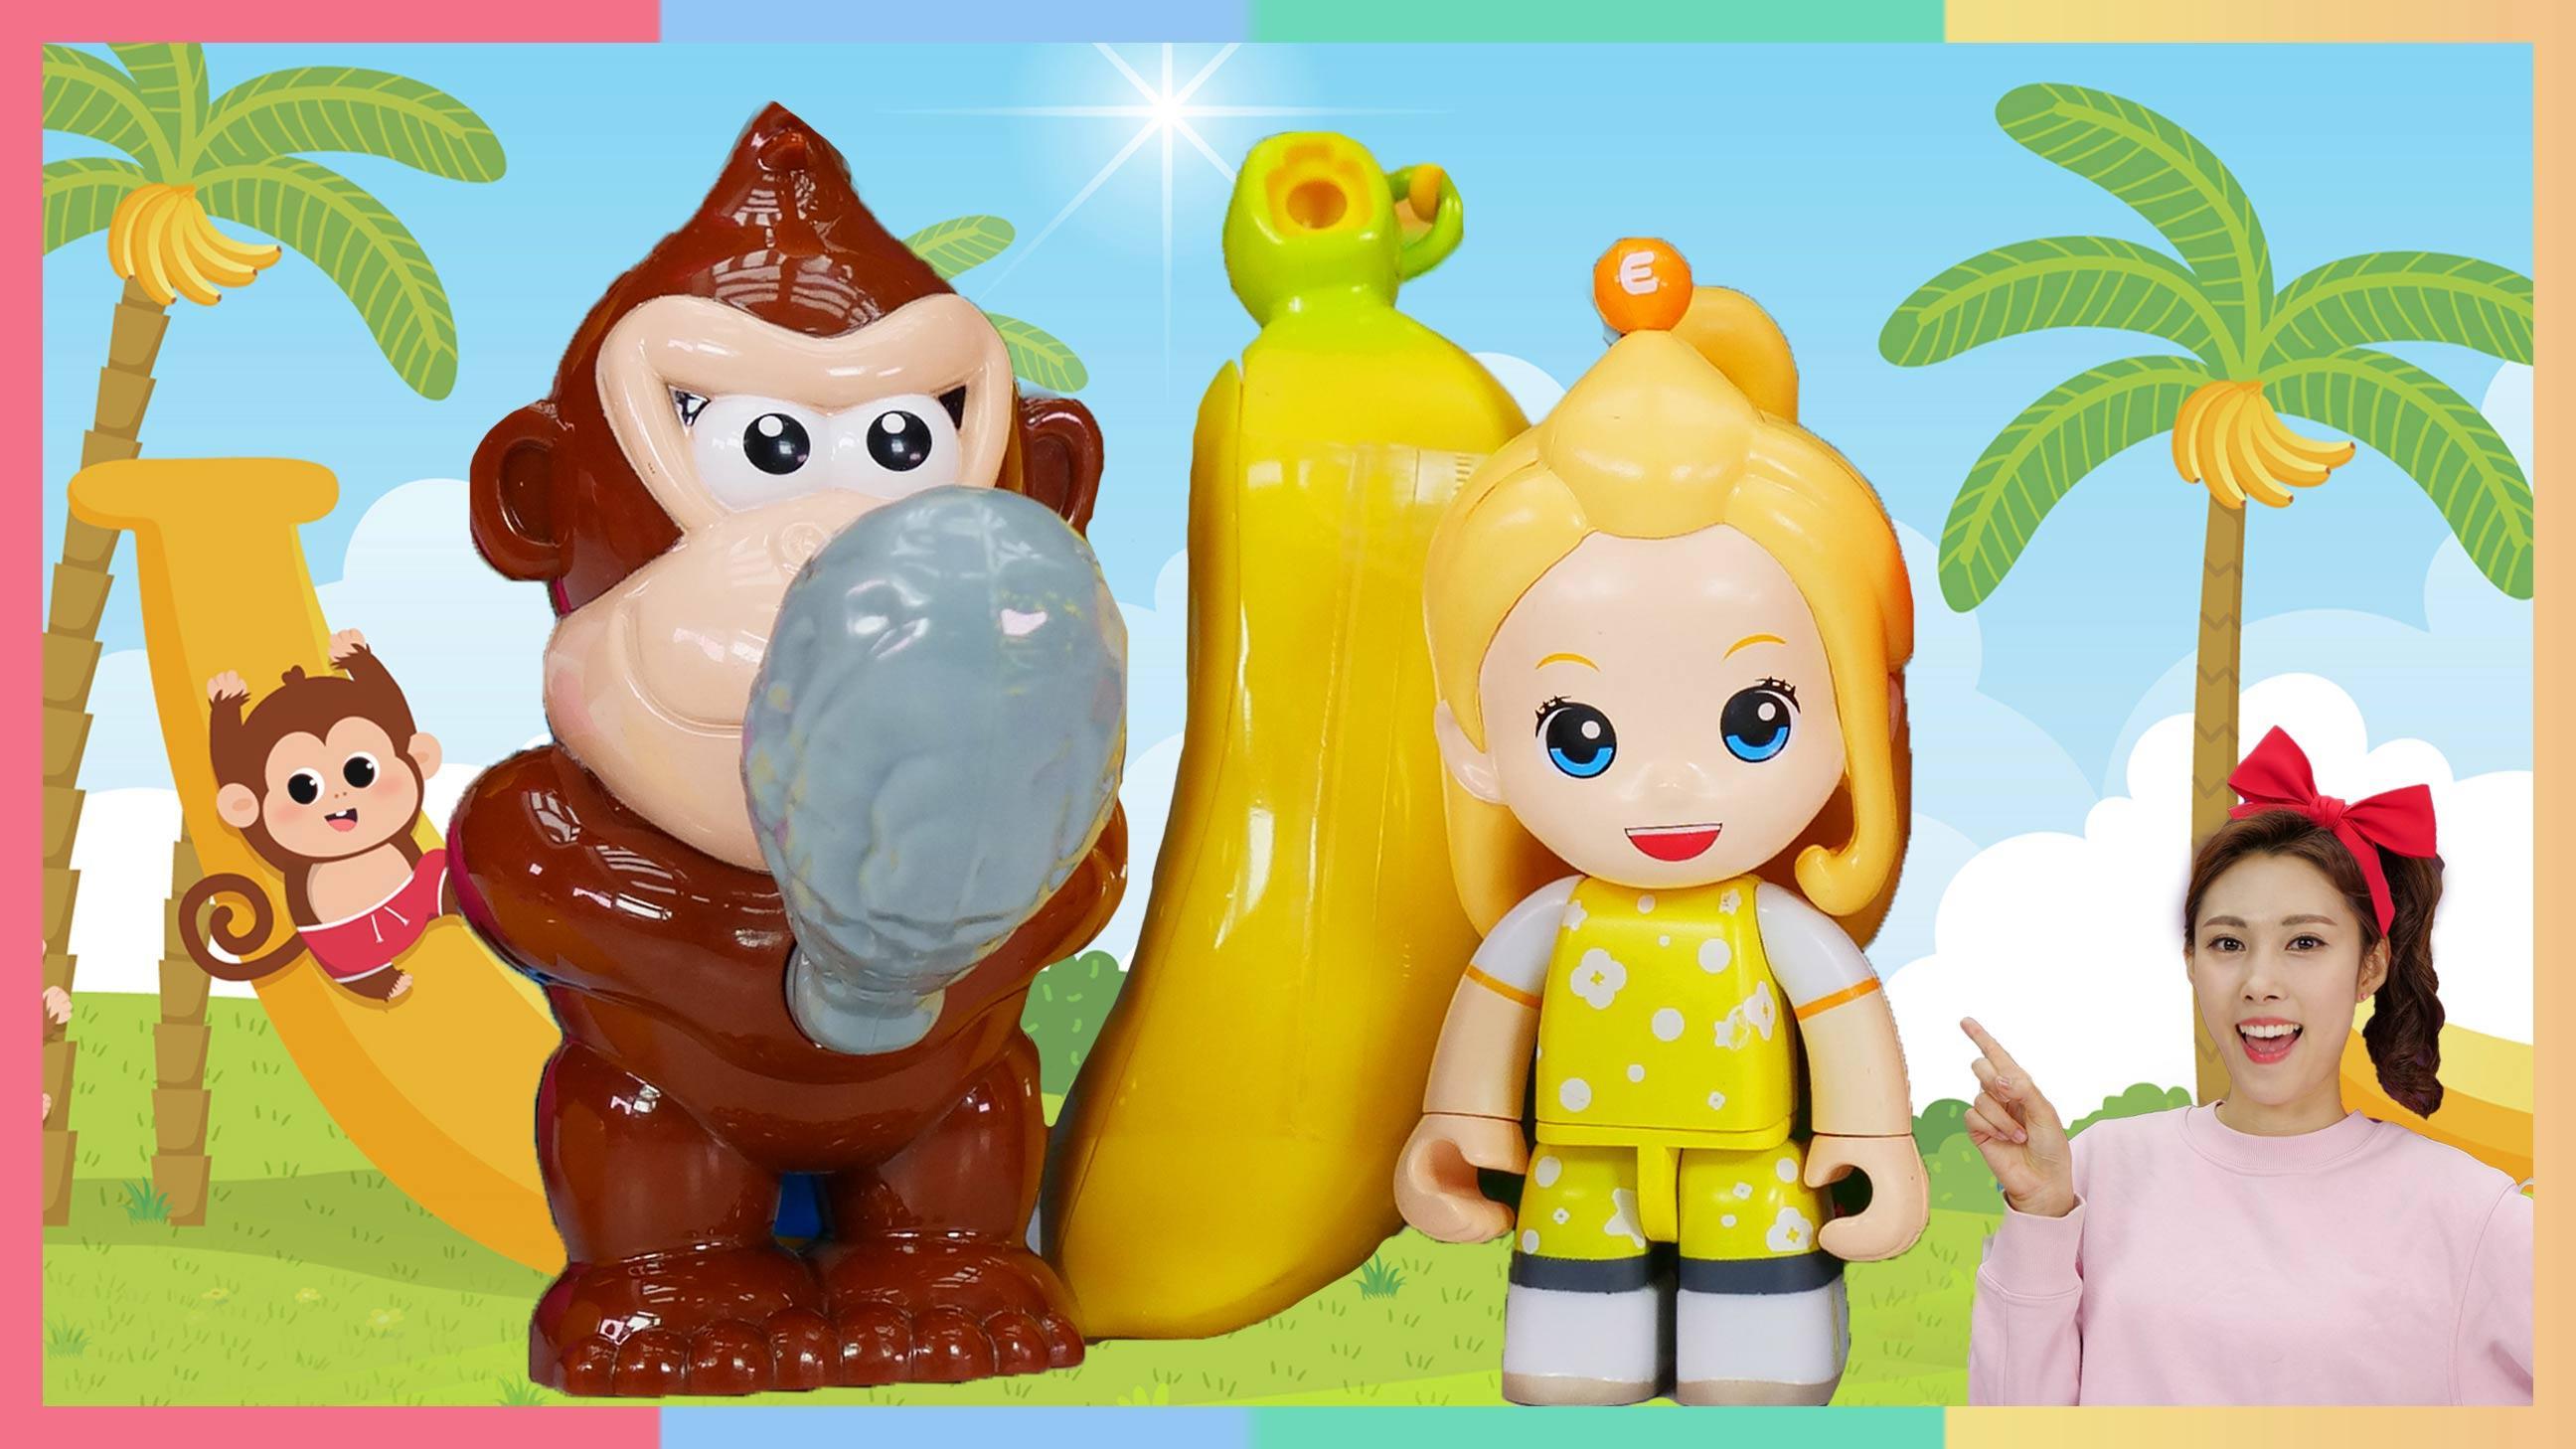 猴子山寻宝!香蕉奇趣蛋里会有什么呢?| 凯利和玩具朋友们 CarrieAndToys